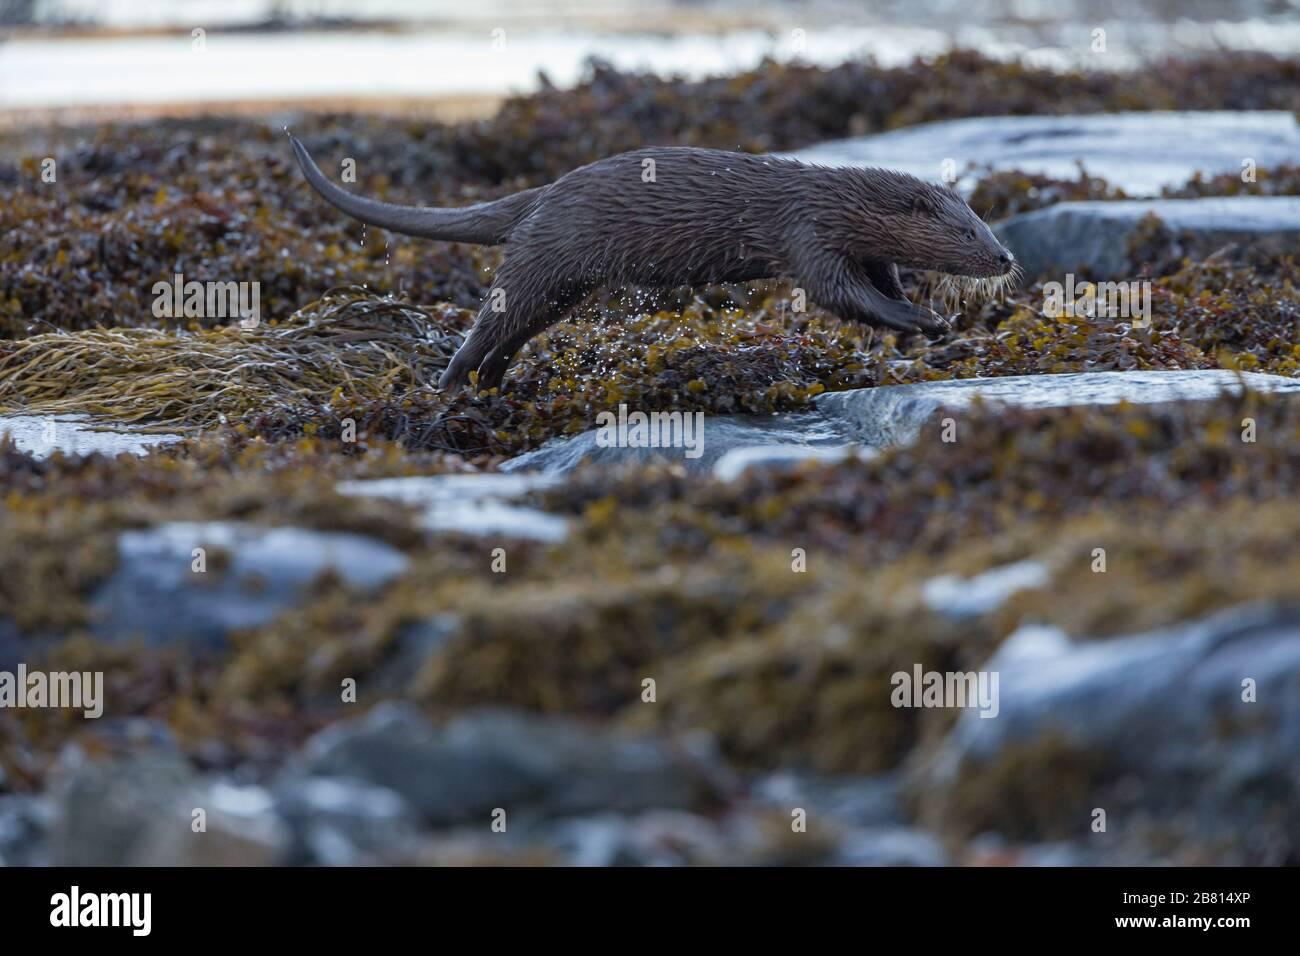 Una nutria euroasiática (lutra lutra) en tierra seca junto a un lago marino, en la Isla de Mull, Escocia. Foto de stock